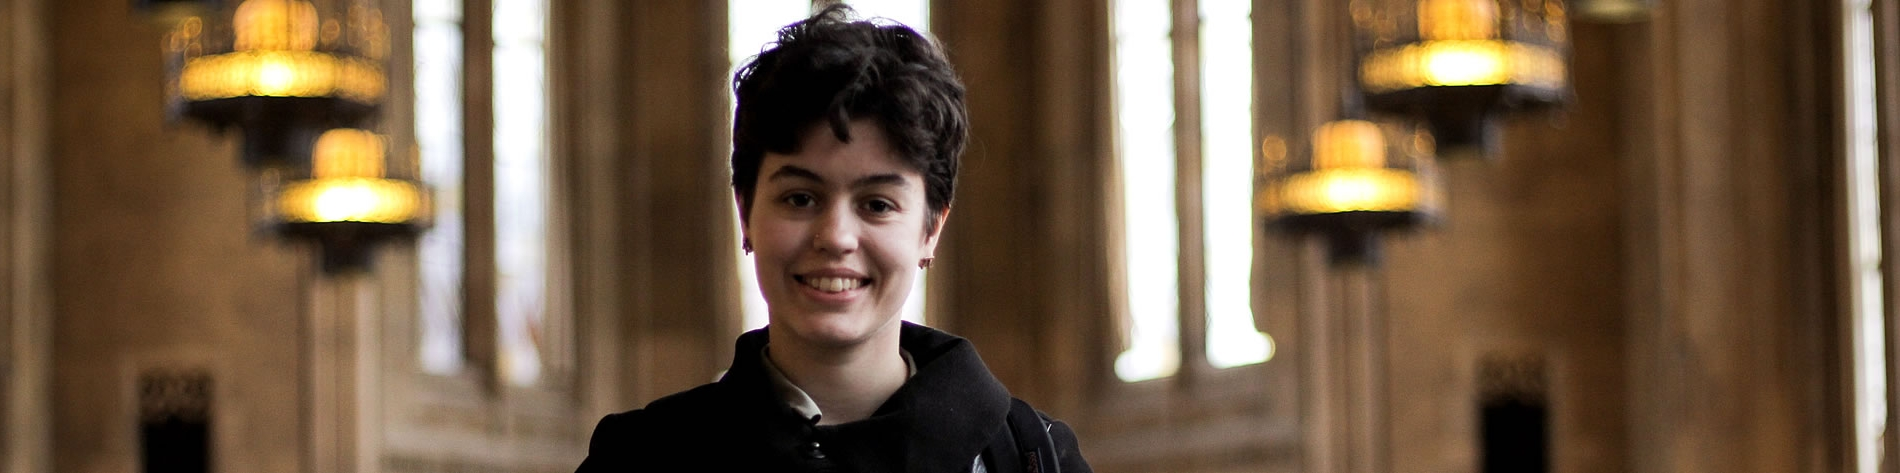 Maria Osborne